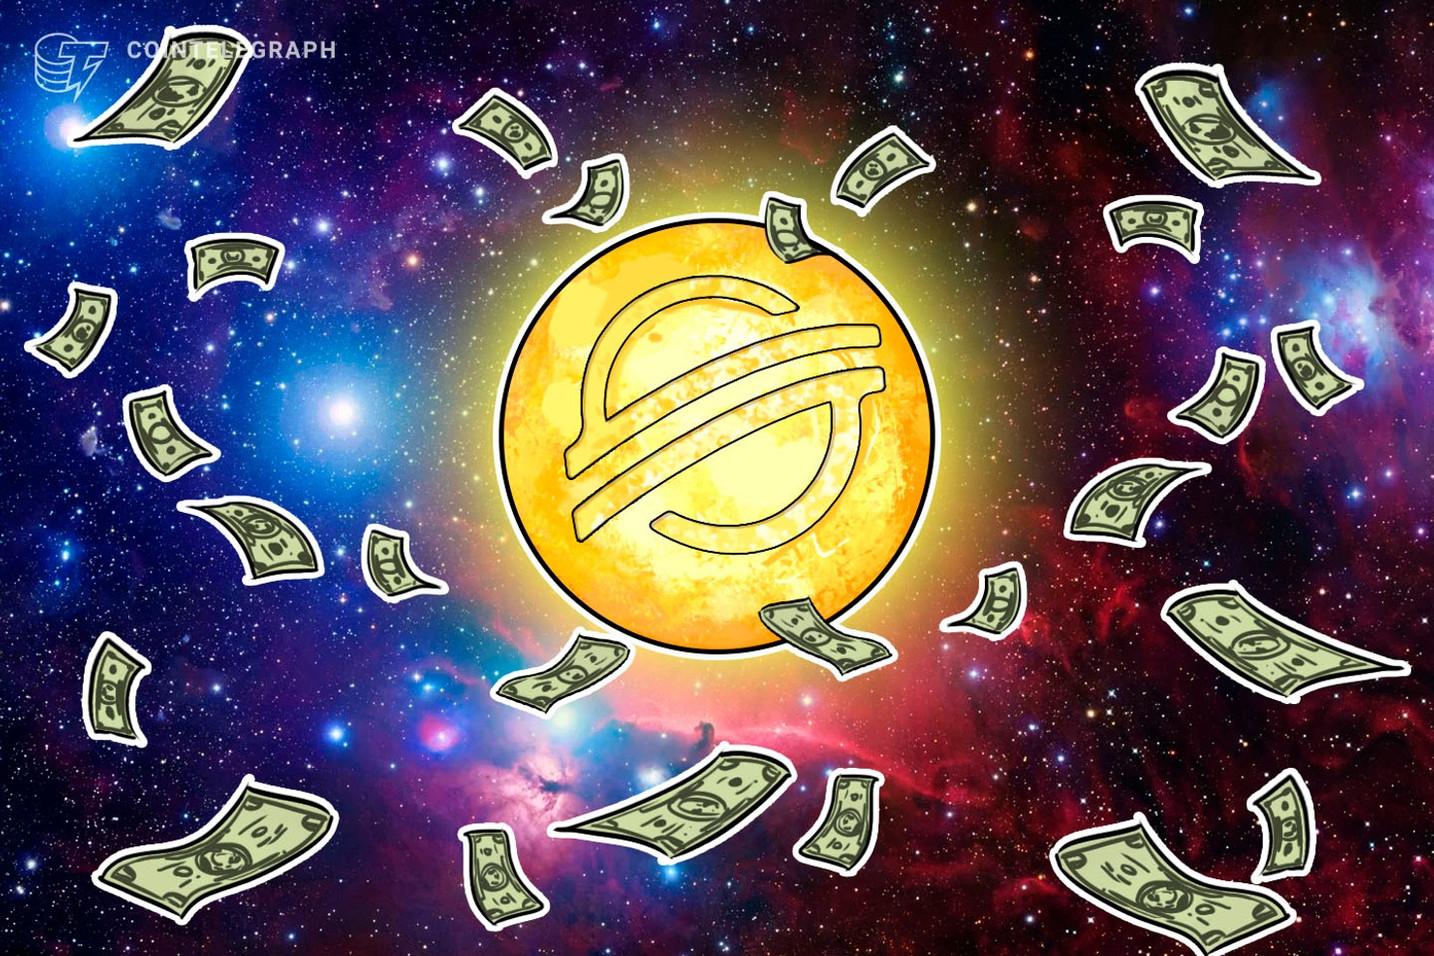 米国の仮想通貨ATMでステラの購入が可能に、コインフリップが発表【ニュース】